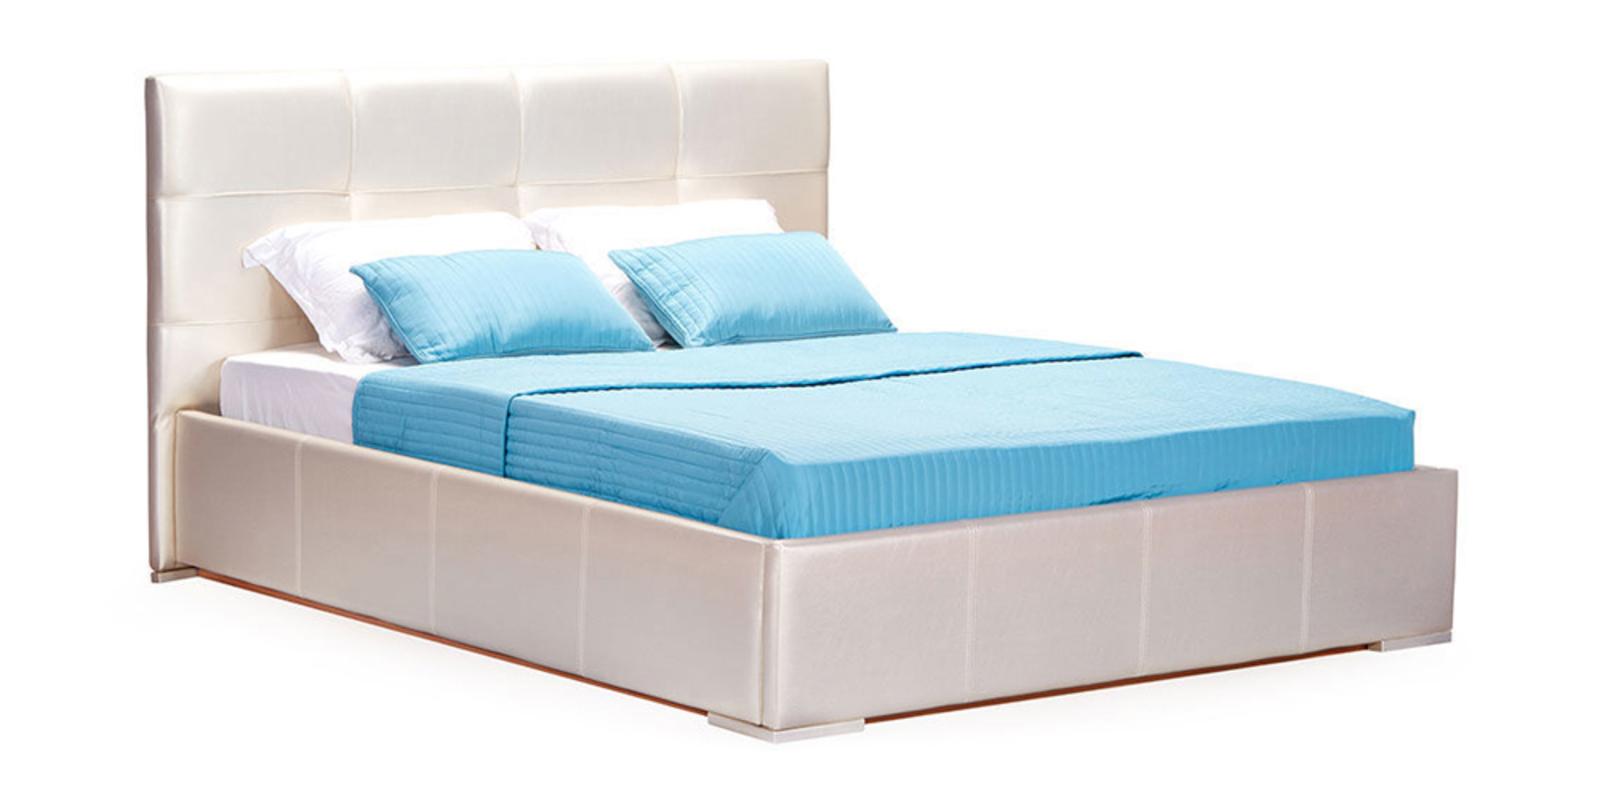 Кровать мягкая Лайф с подъемным механизмом (Перламутр)